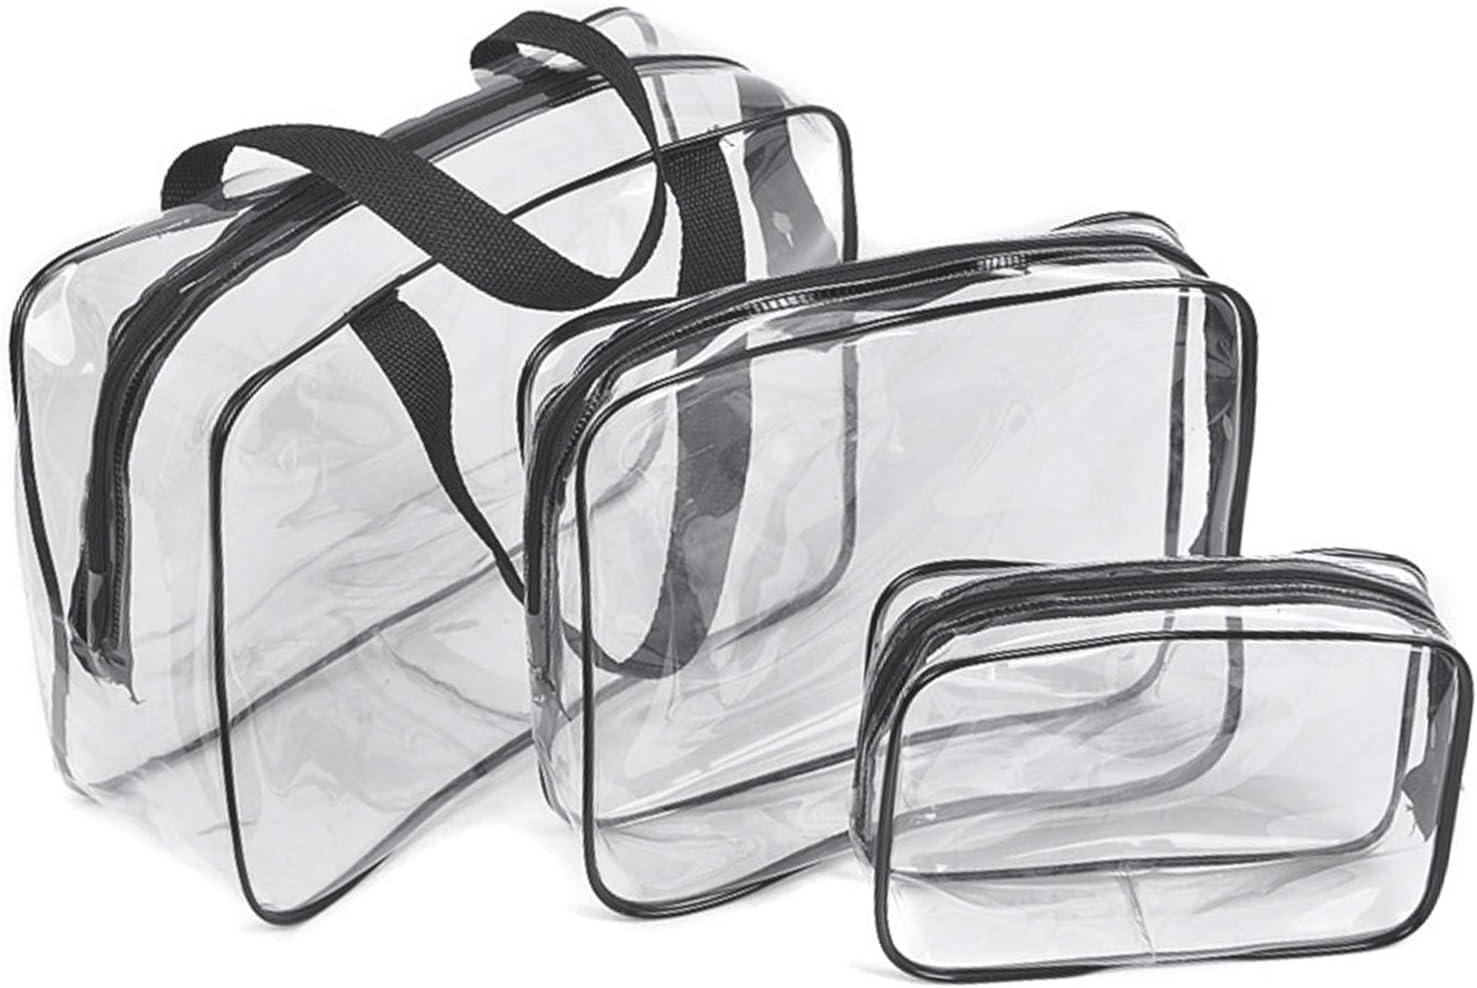 3 Pcs Bolsas de Aseo Transparente, Viaje Impermeable Mujer Bolsa de Cosmético Organizador de Viaje